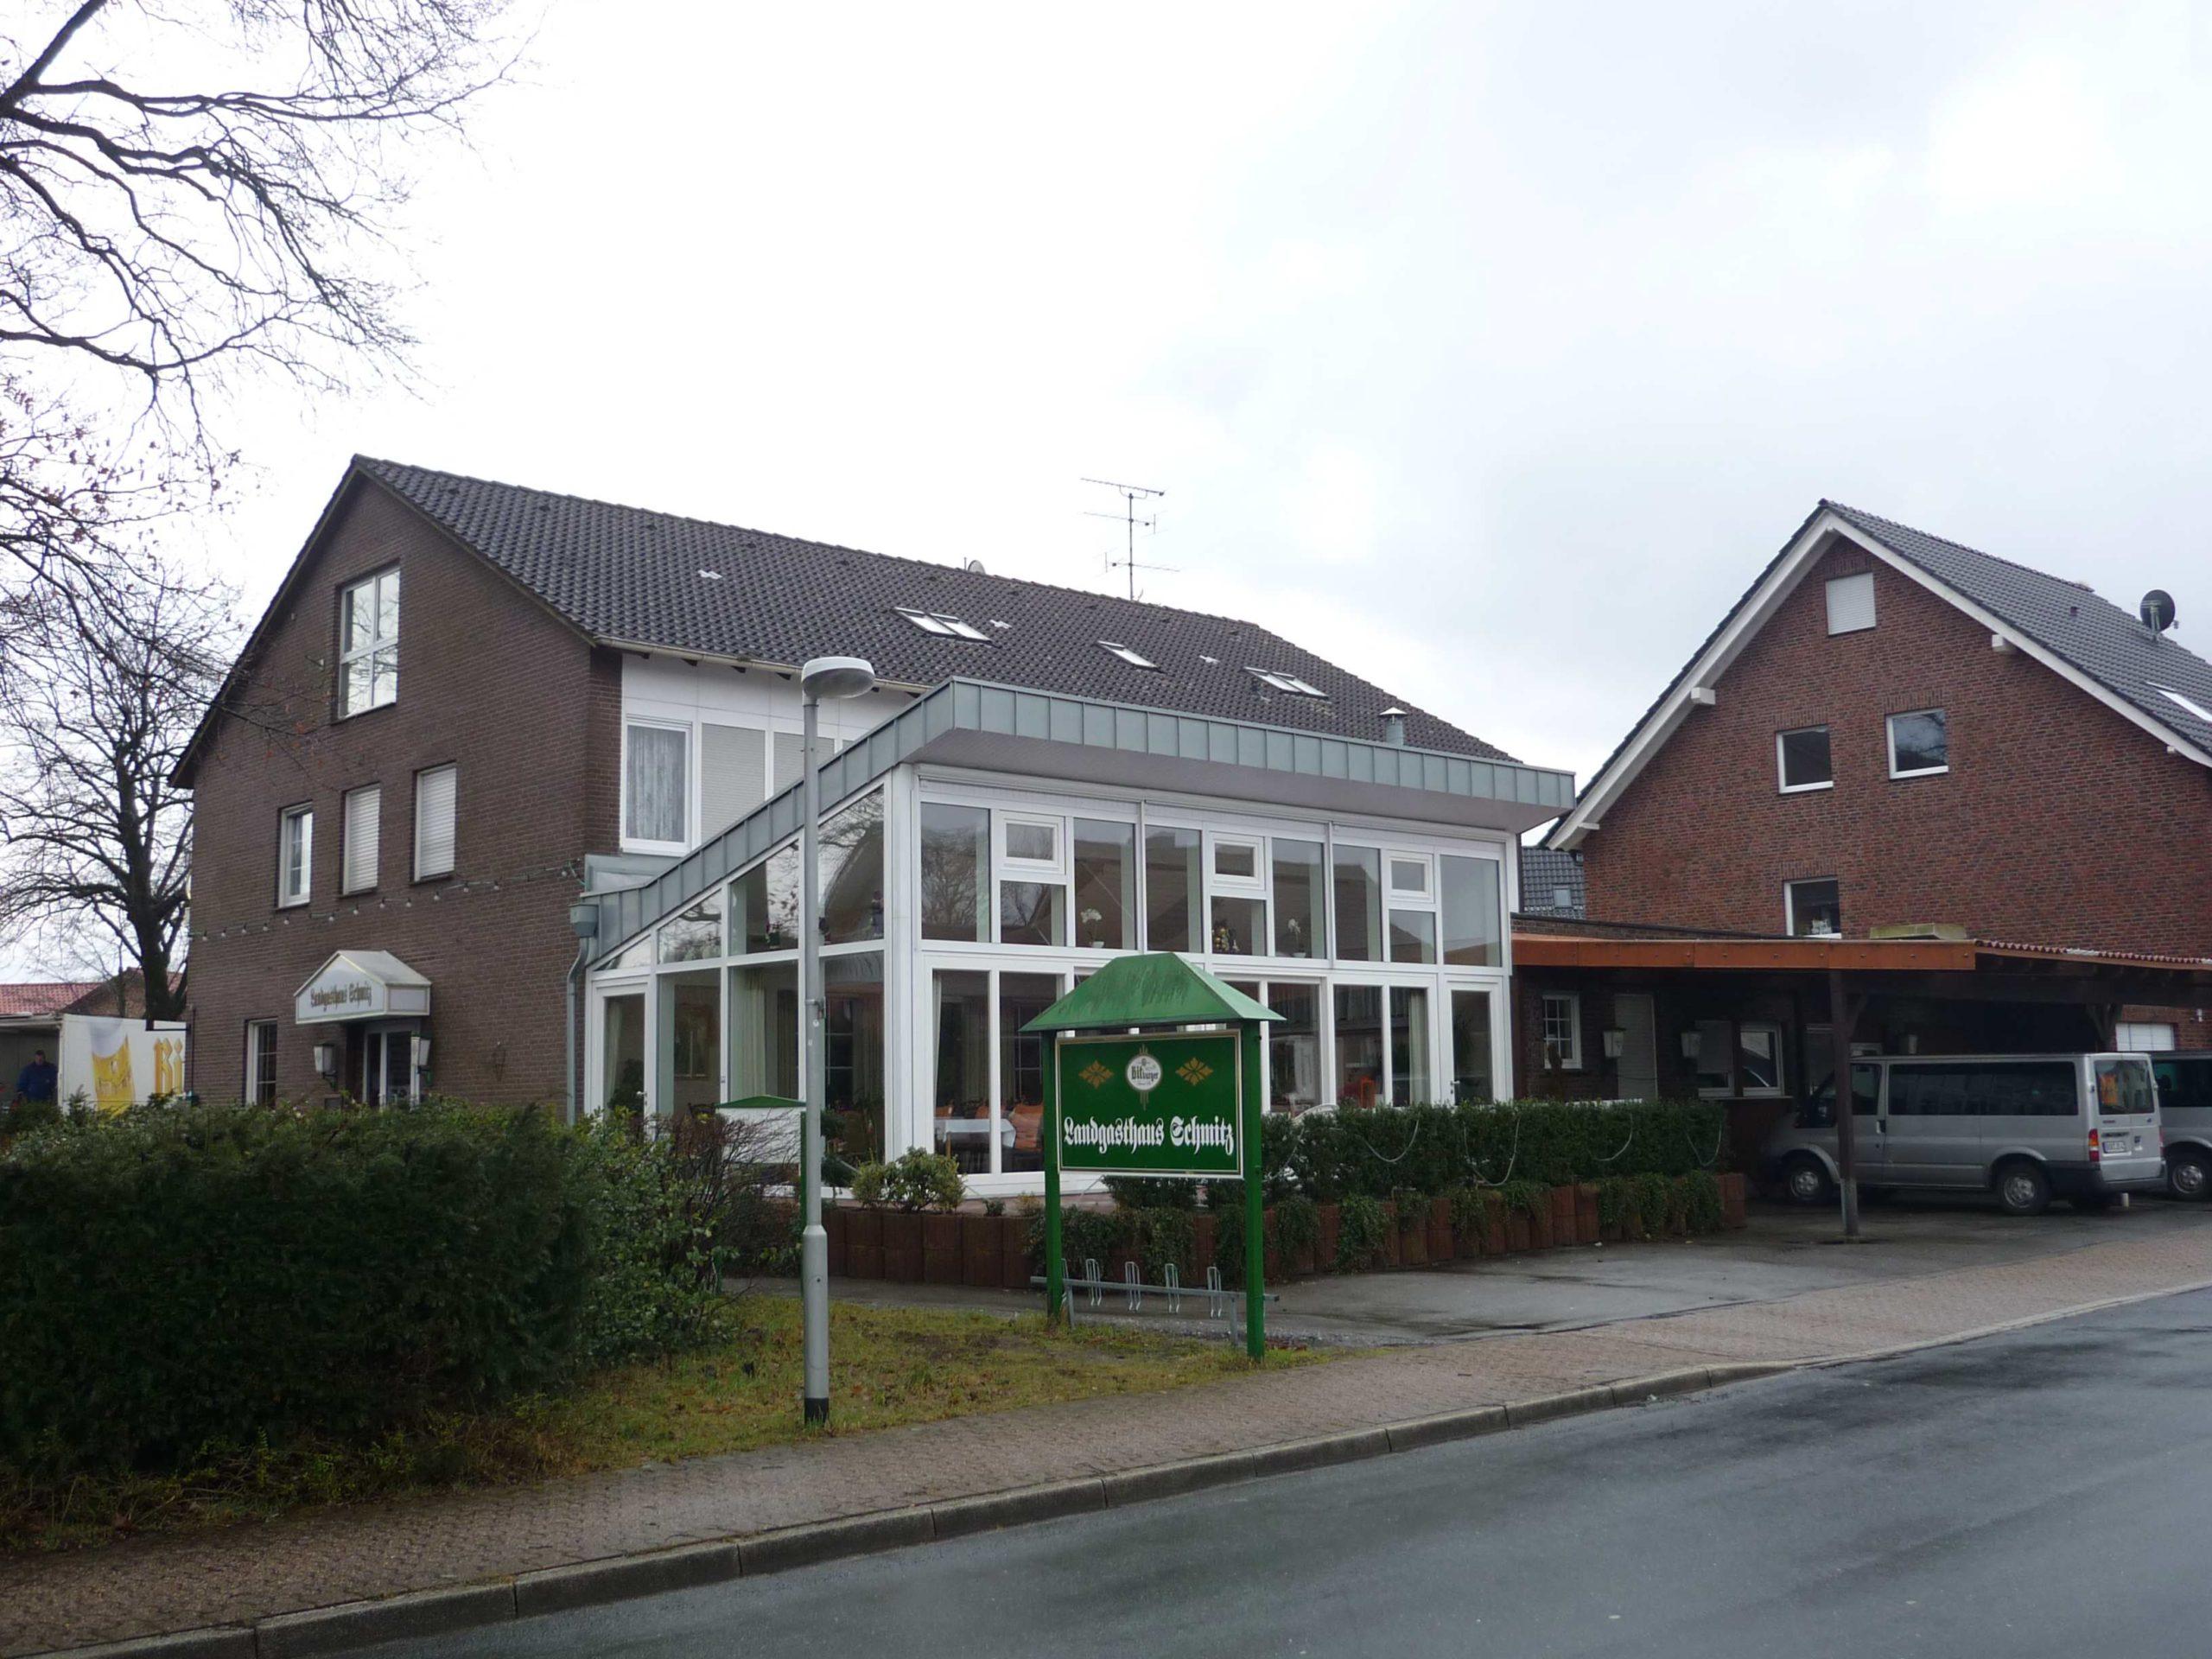 Restaurant Erweiterung in Holzbauweise